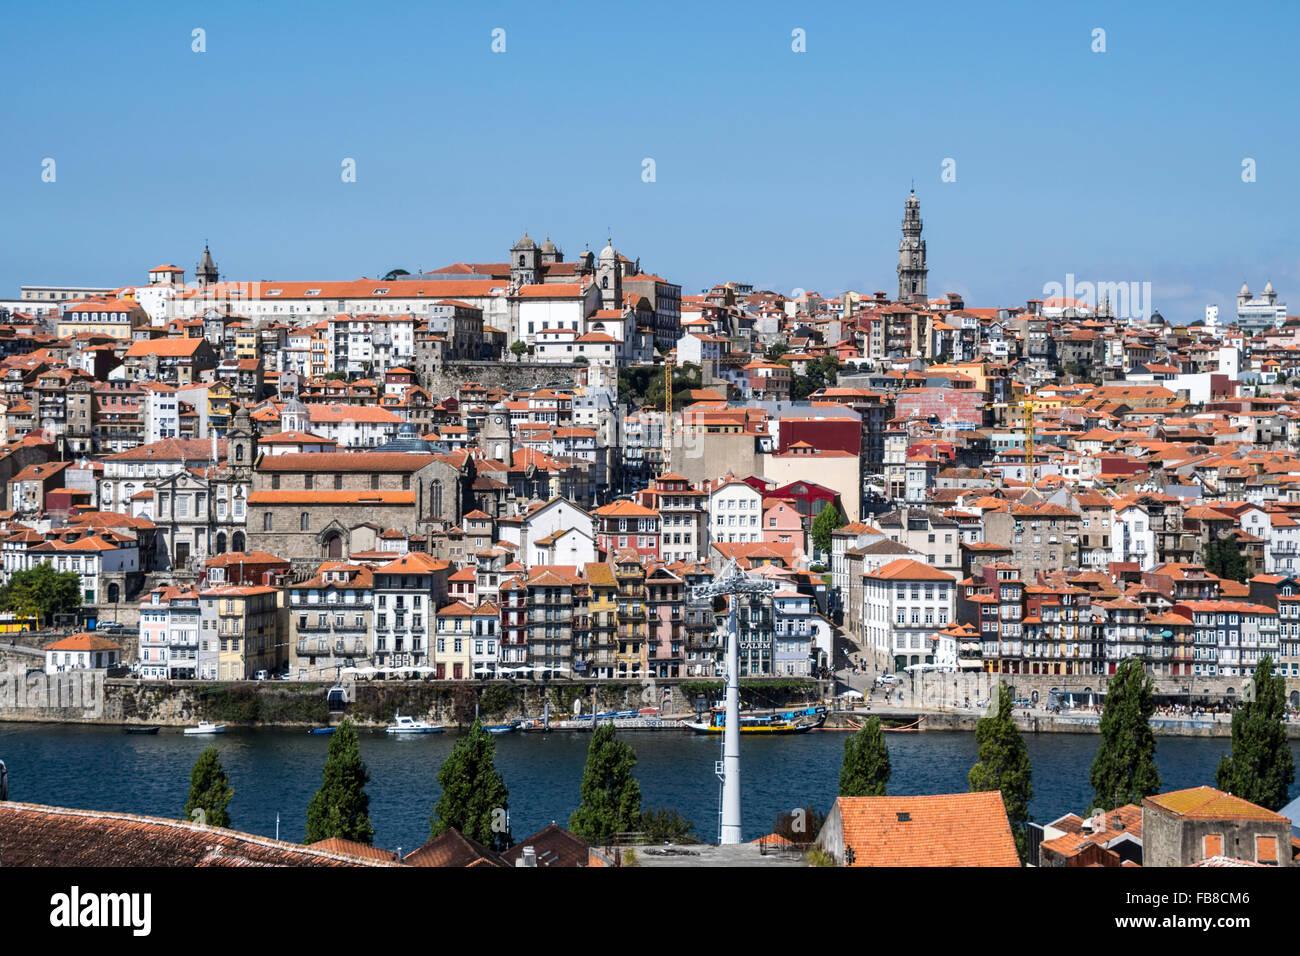 Porto, Oporto, Portugal - Stock Image